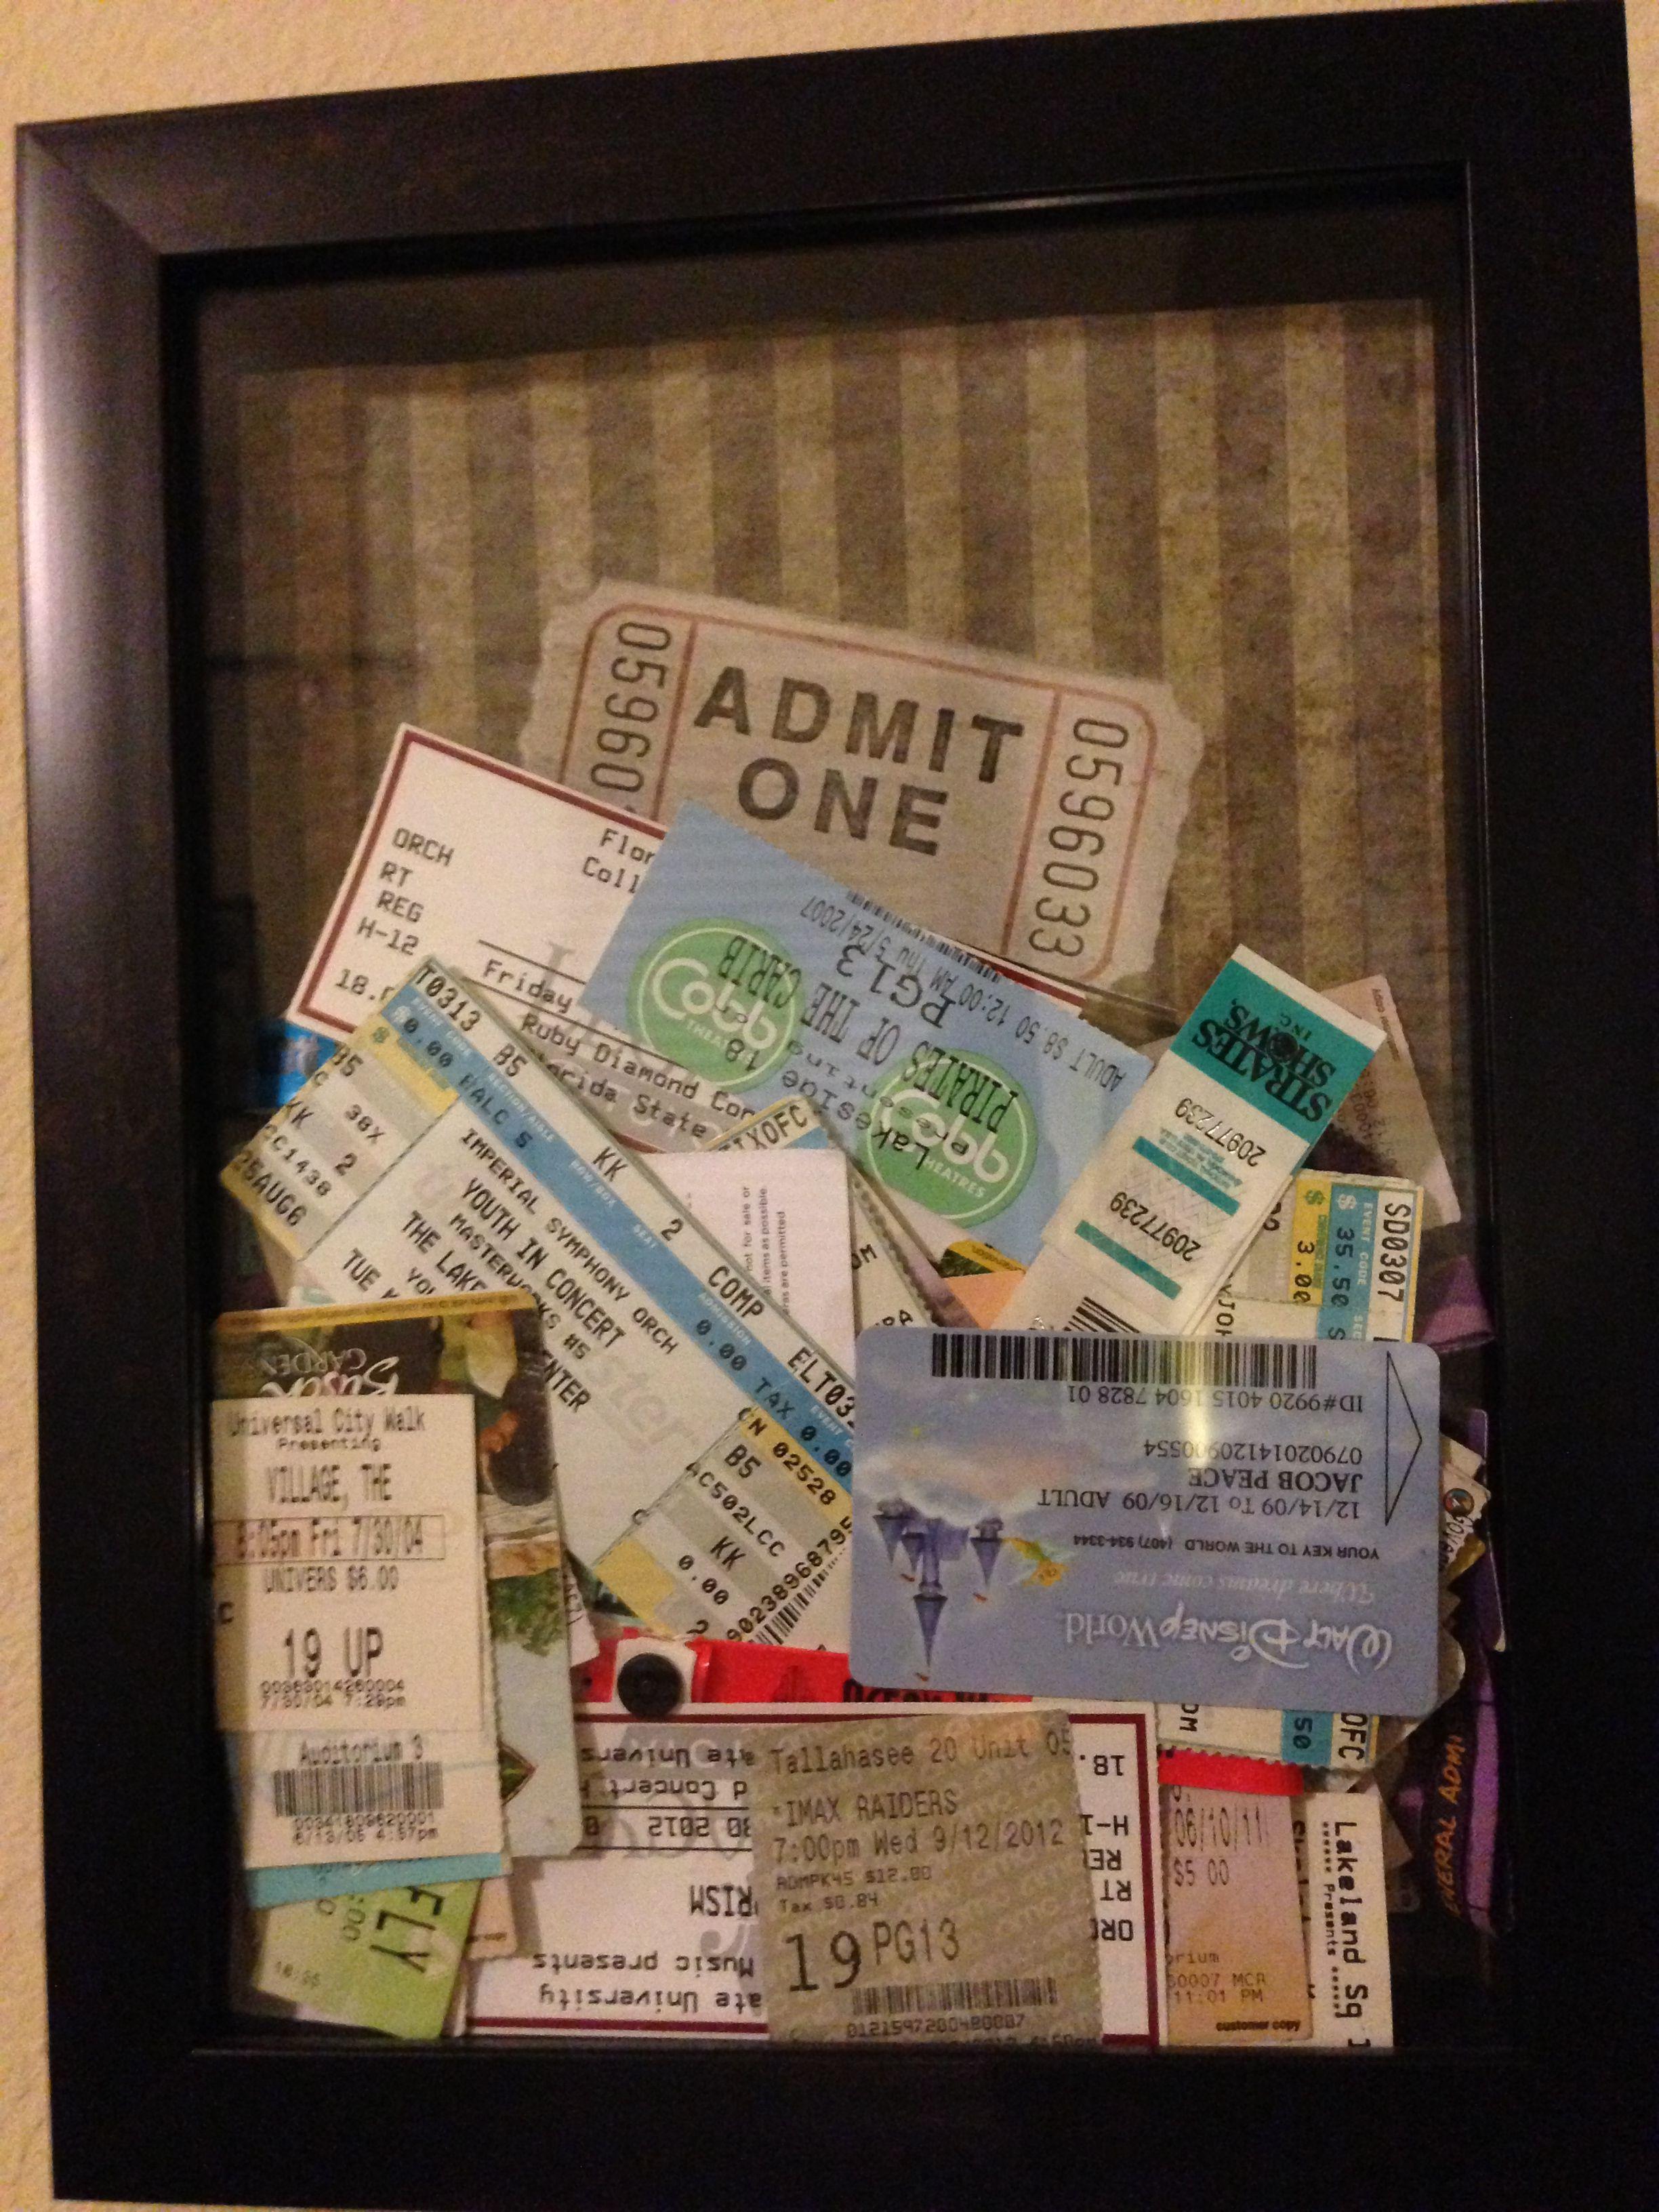 Ticket Stub Memory Box Crafty Diy Projects Diy